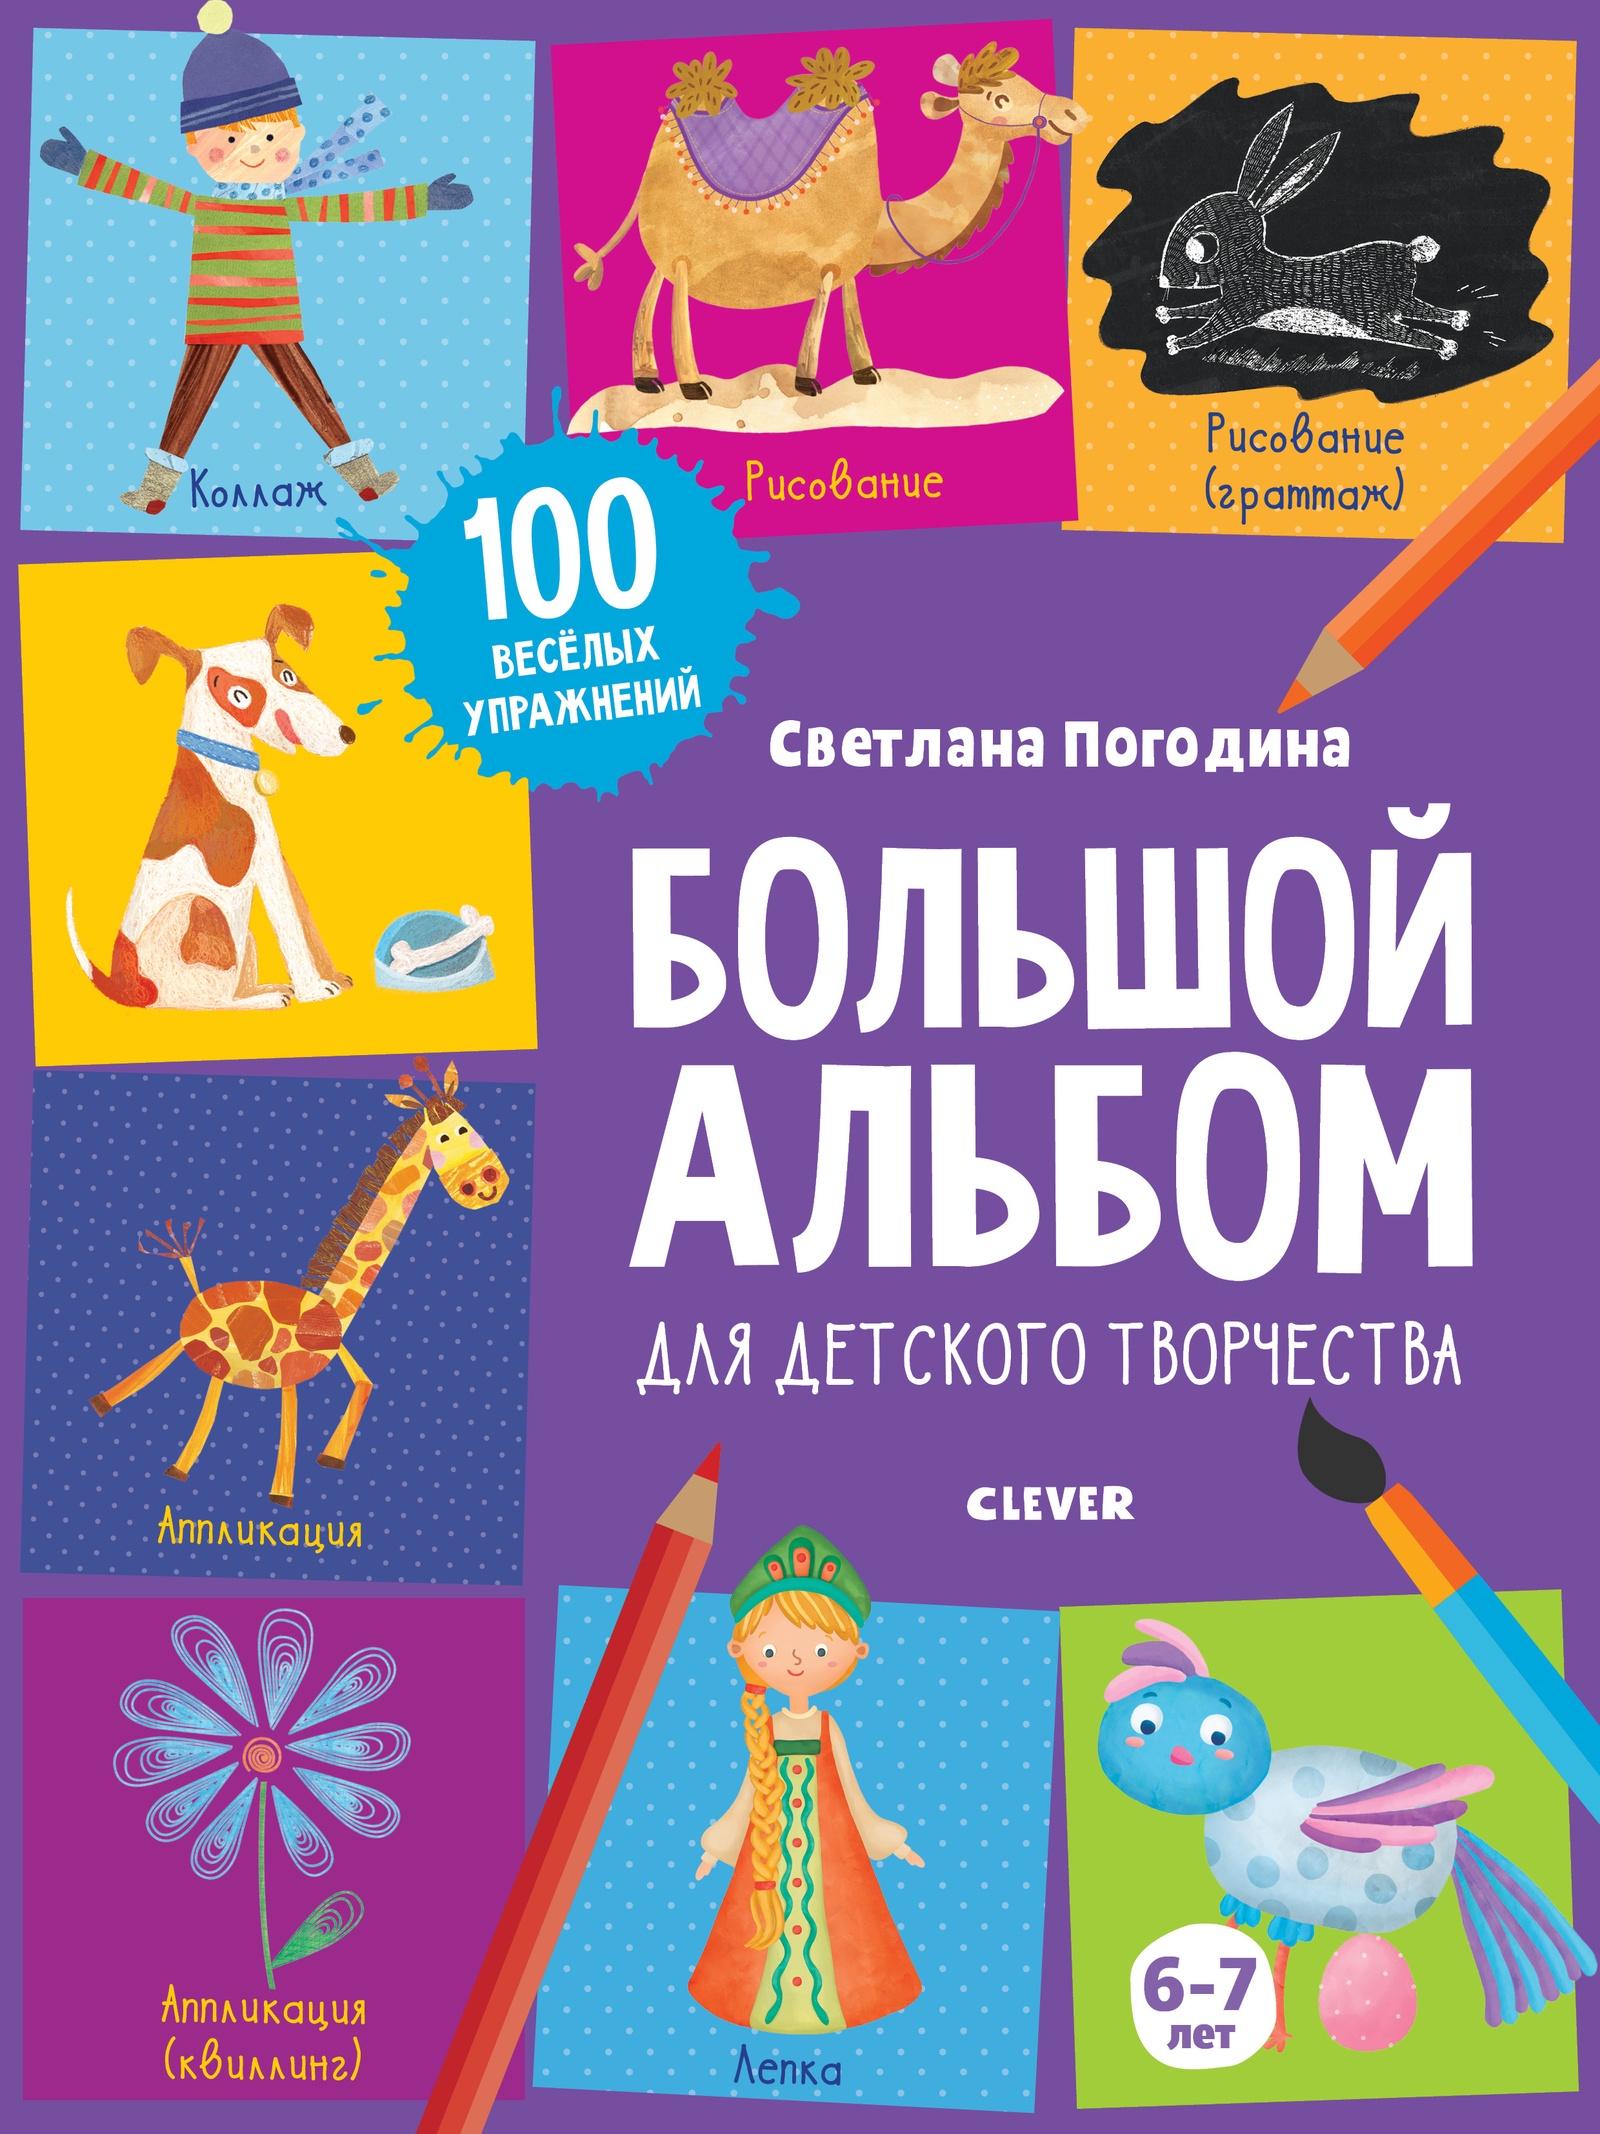 Погодина С. Большой альбом для детского творчества. 6-7 лет погодина с большой альбом для детского творчества 5 6 лет